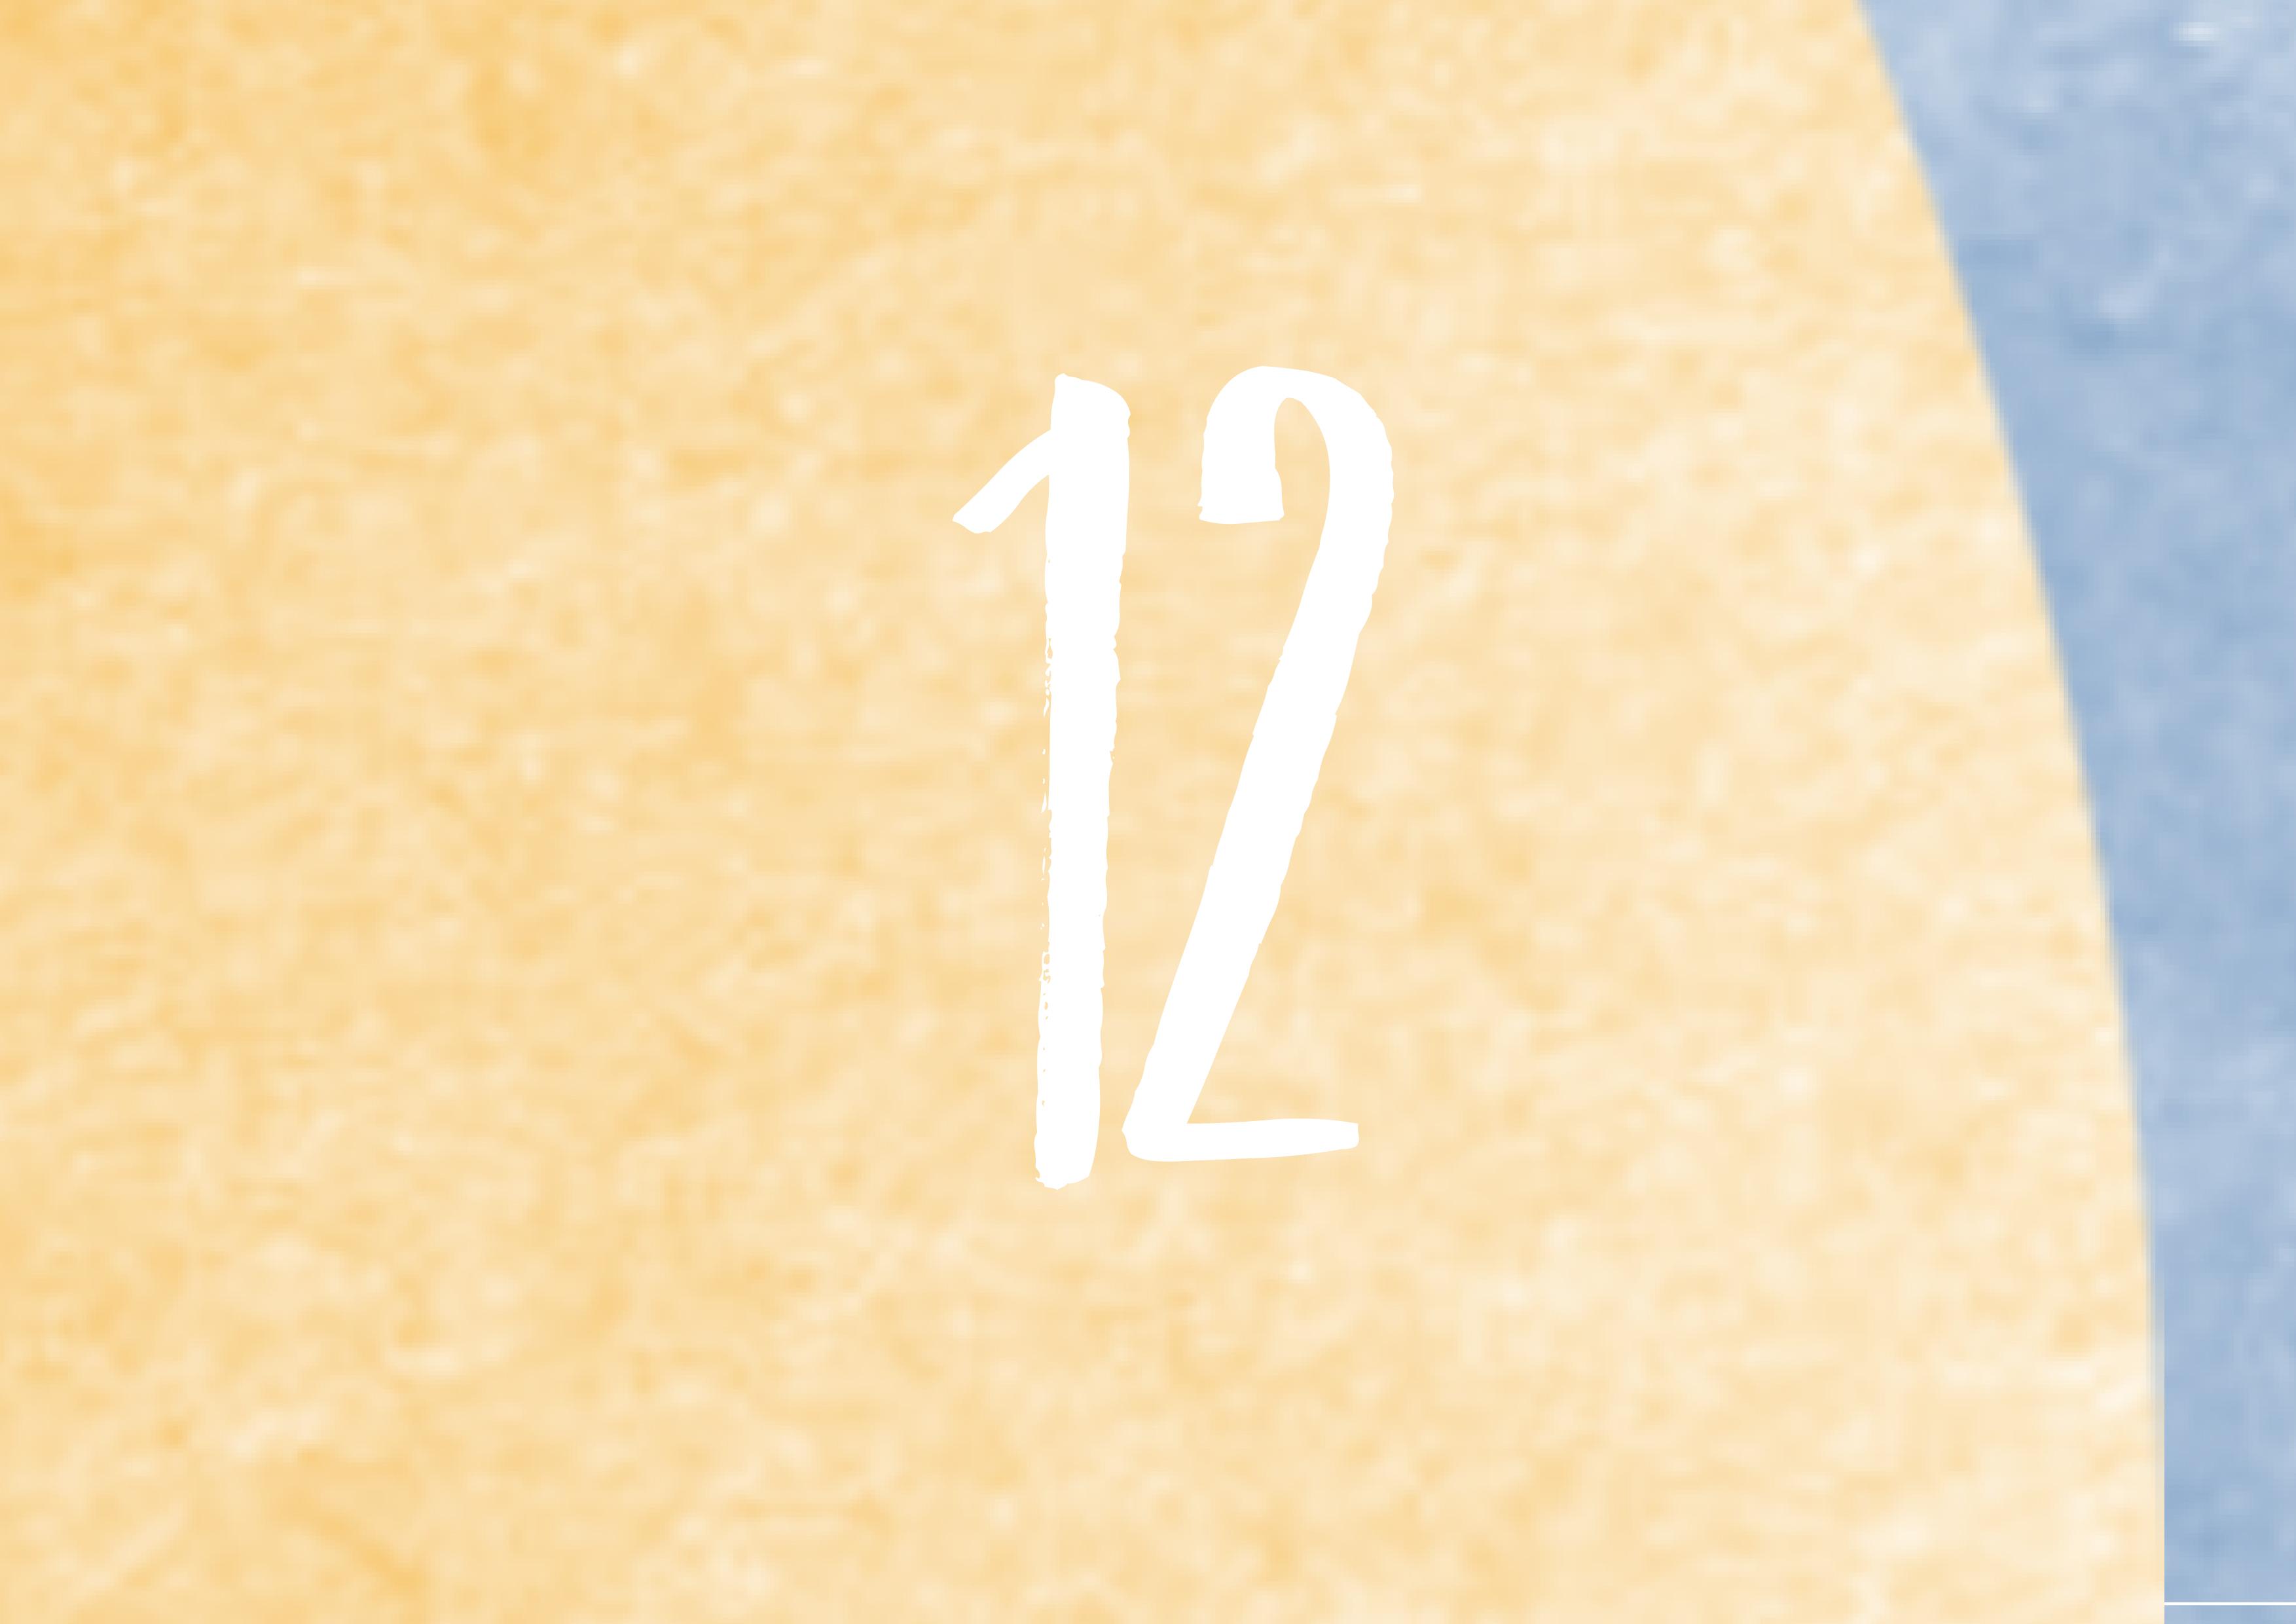 Calendrier de l'avent - 12